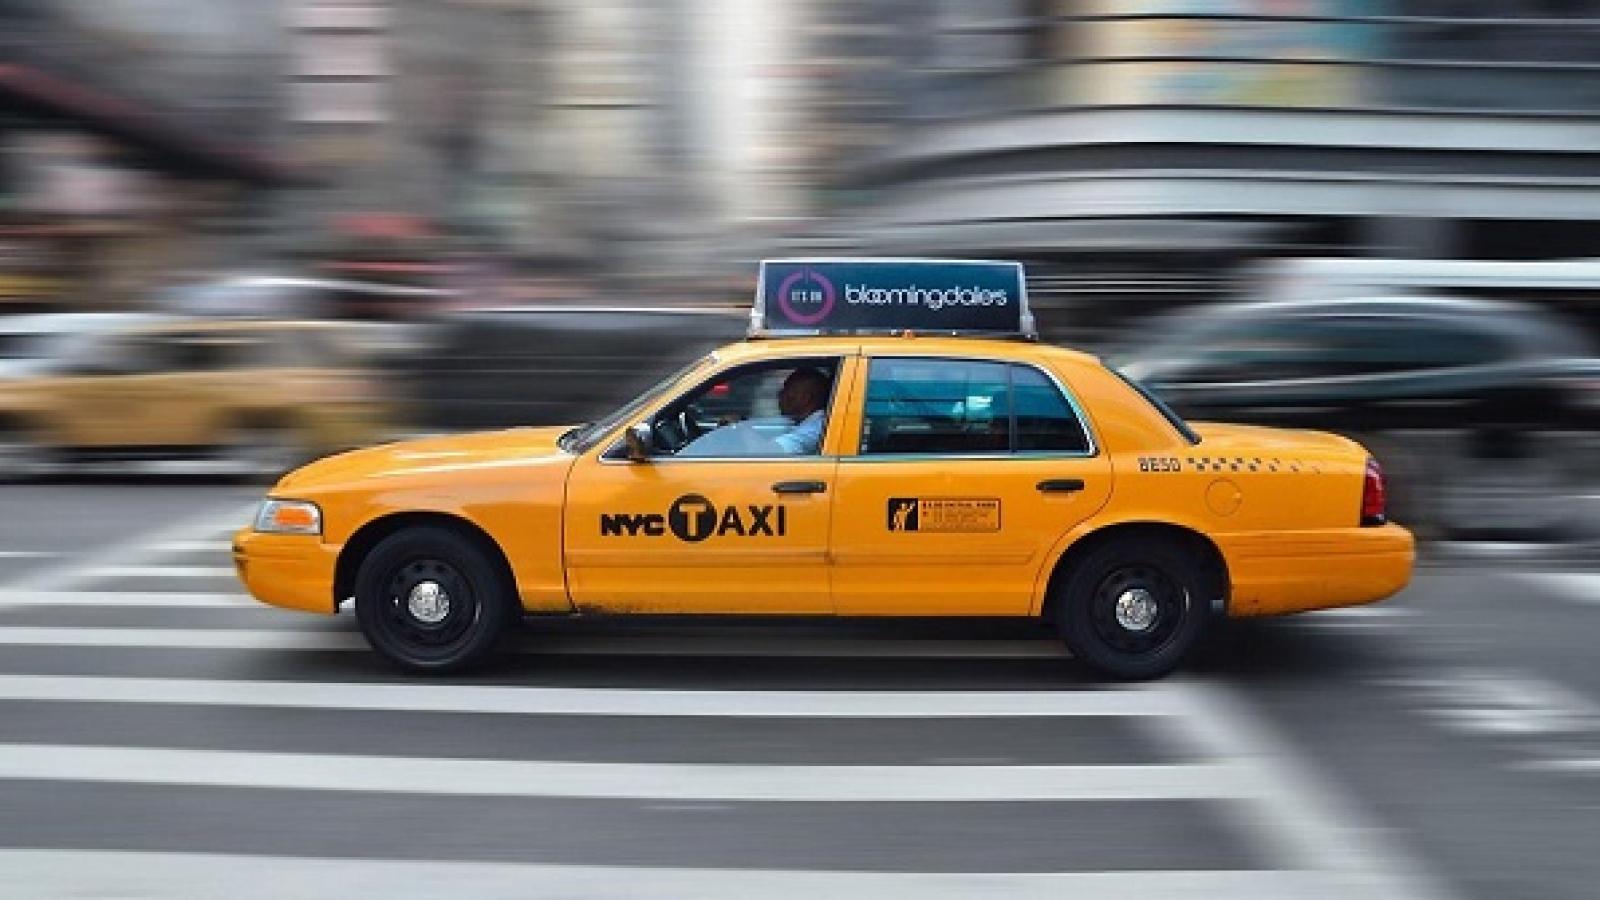 10 phương tiện giao thông cần biết khi du lịch Mỹ